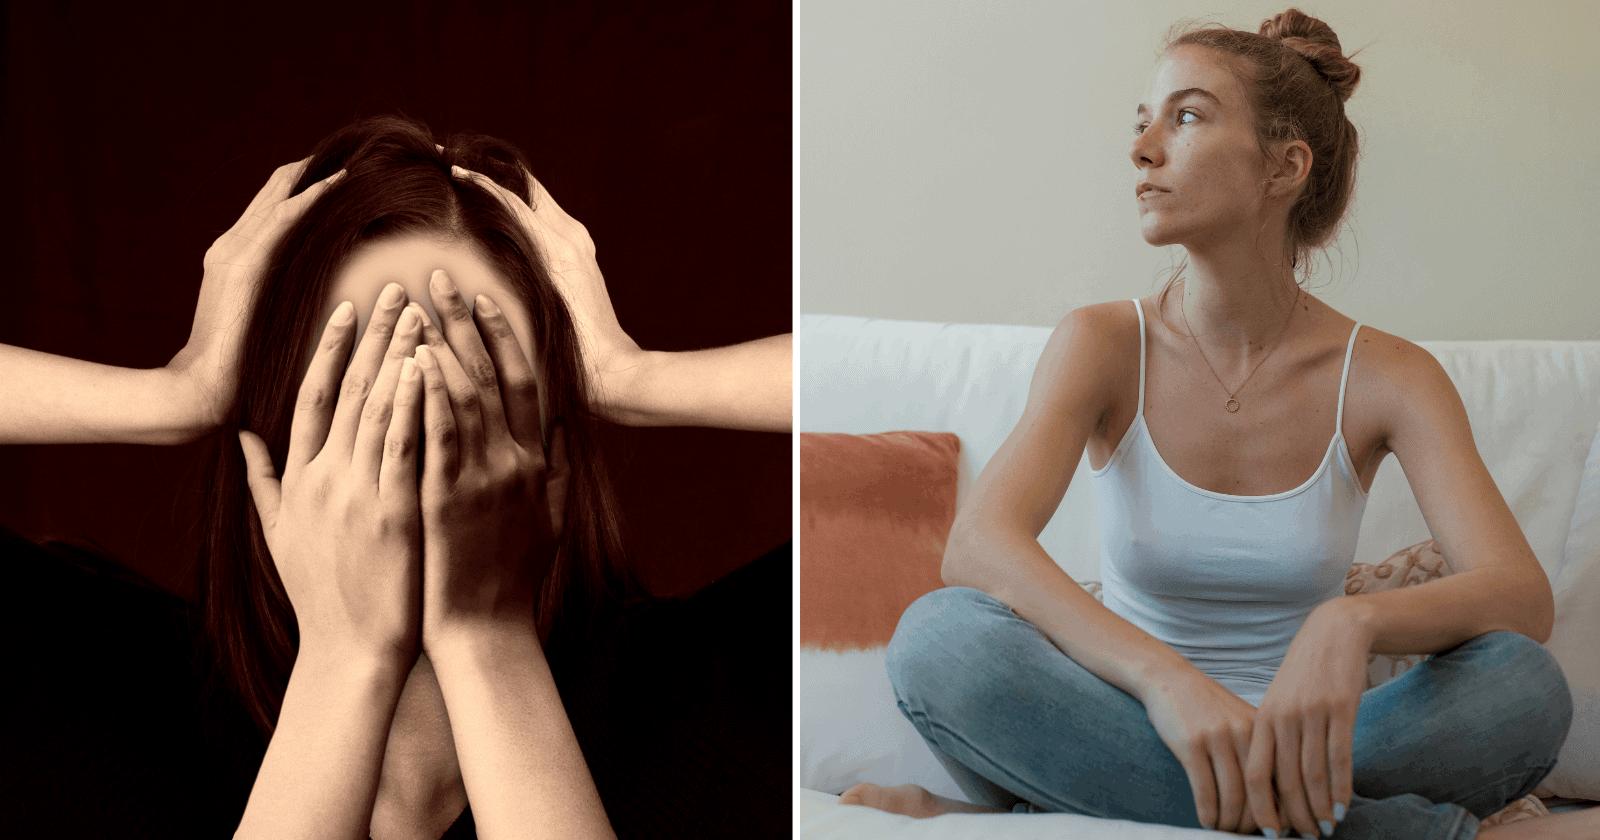 HOMENS: 12 coisas sobre a TPM que você precisa saber (por sua segurança)